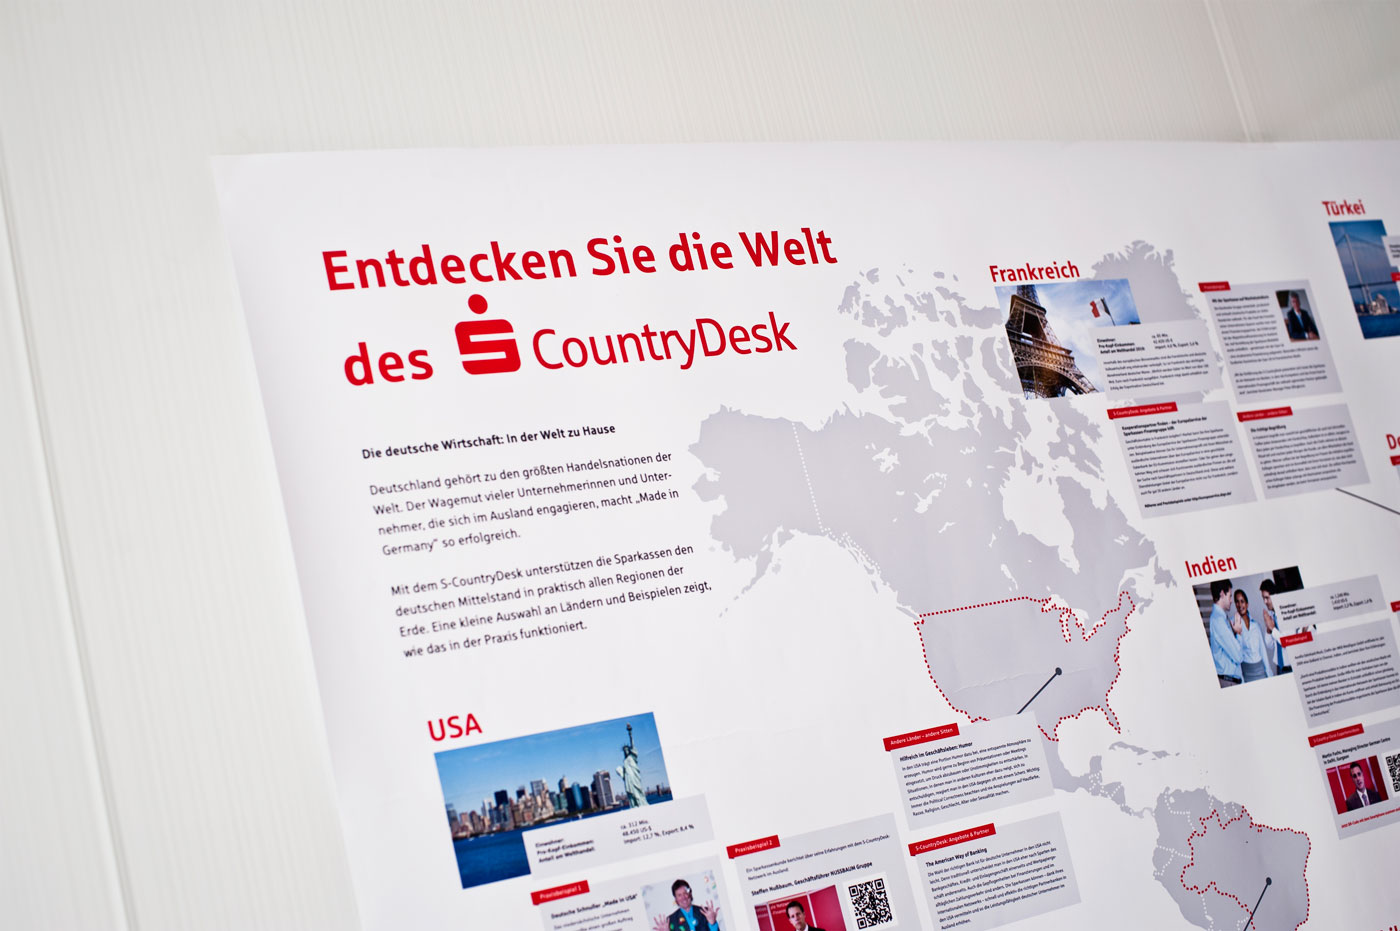 Gute Geschäfte im Reich der Mitte - Die Sparkasse Krefeld informiert über Chancen und Risiken